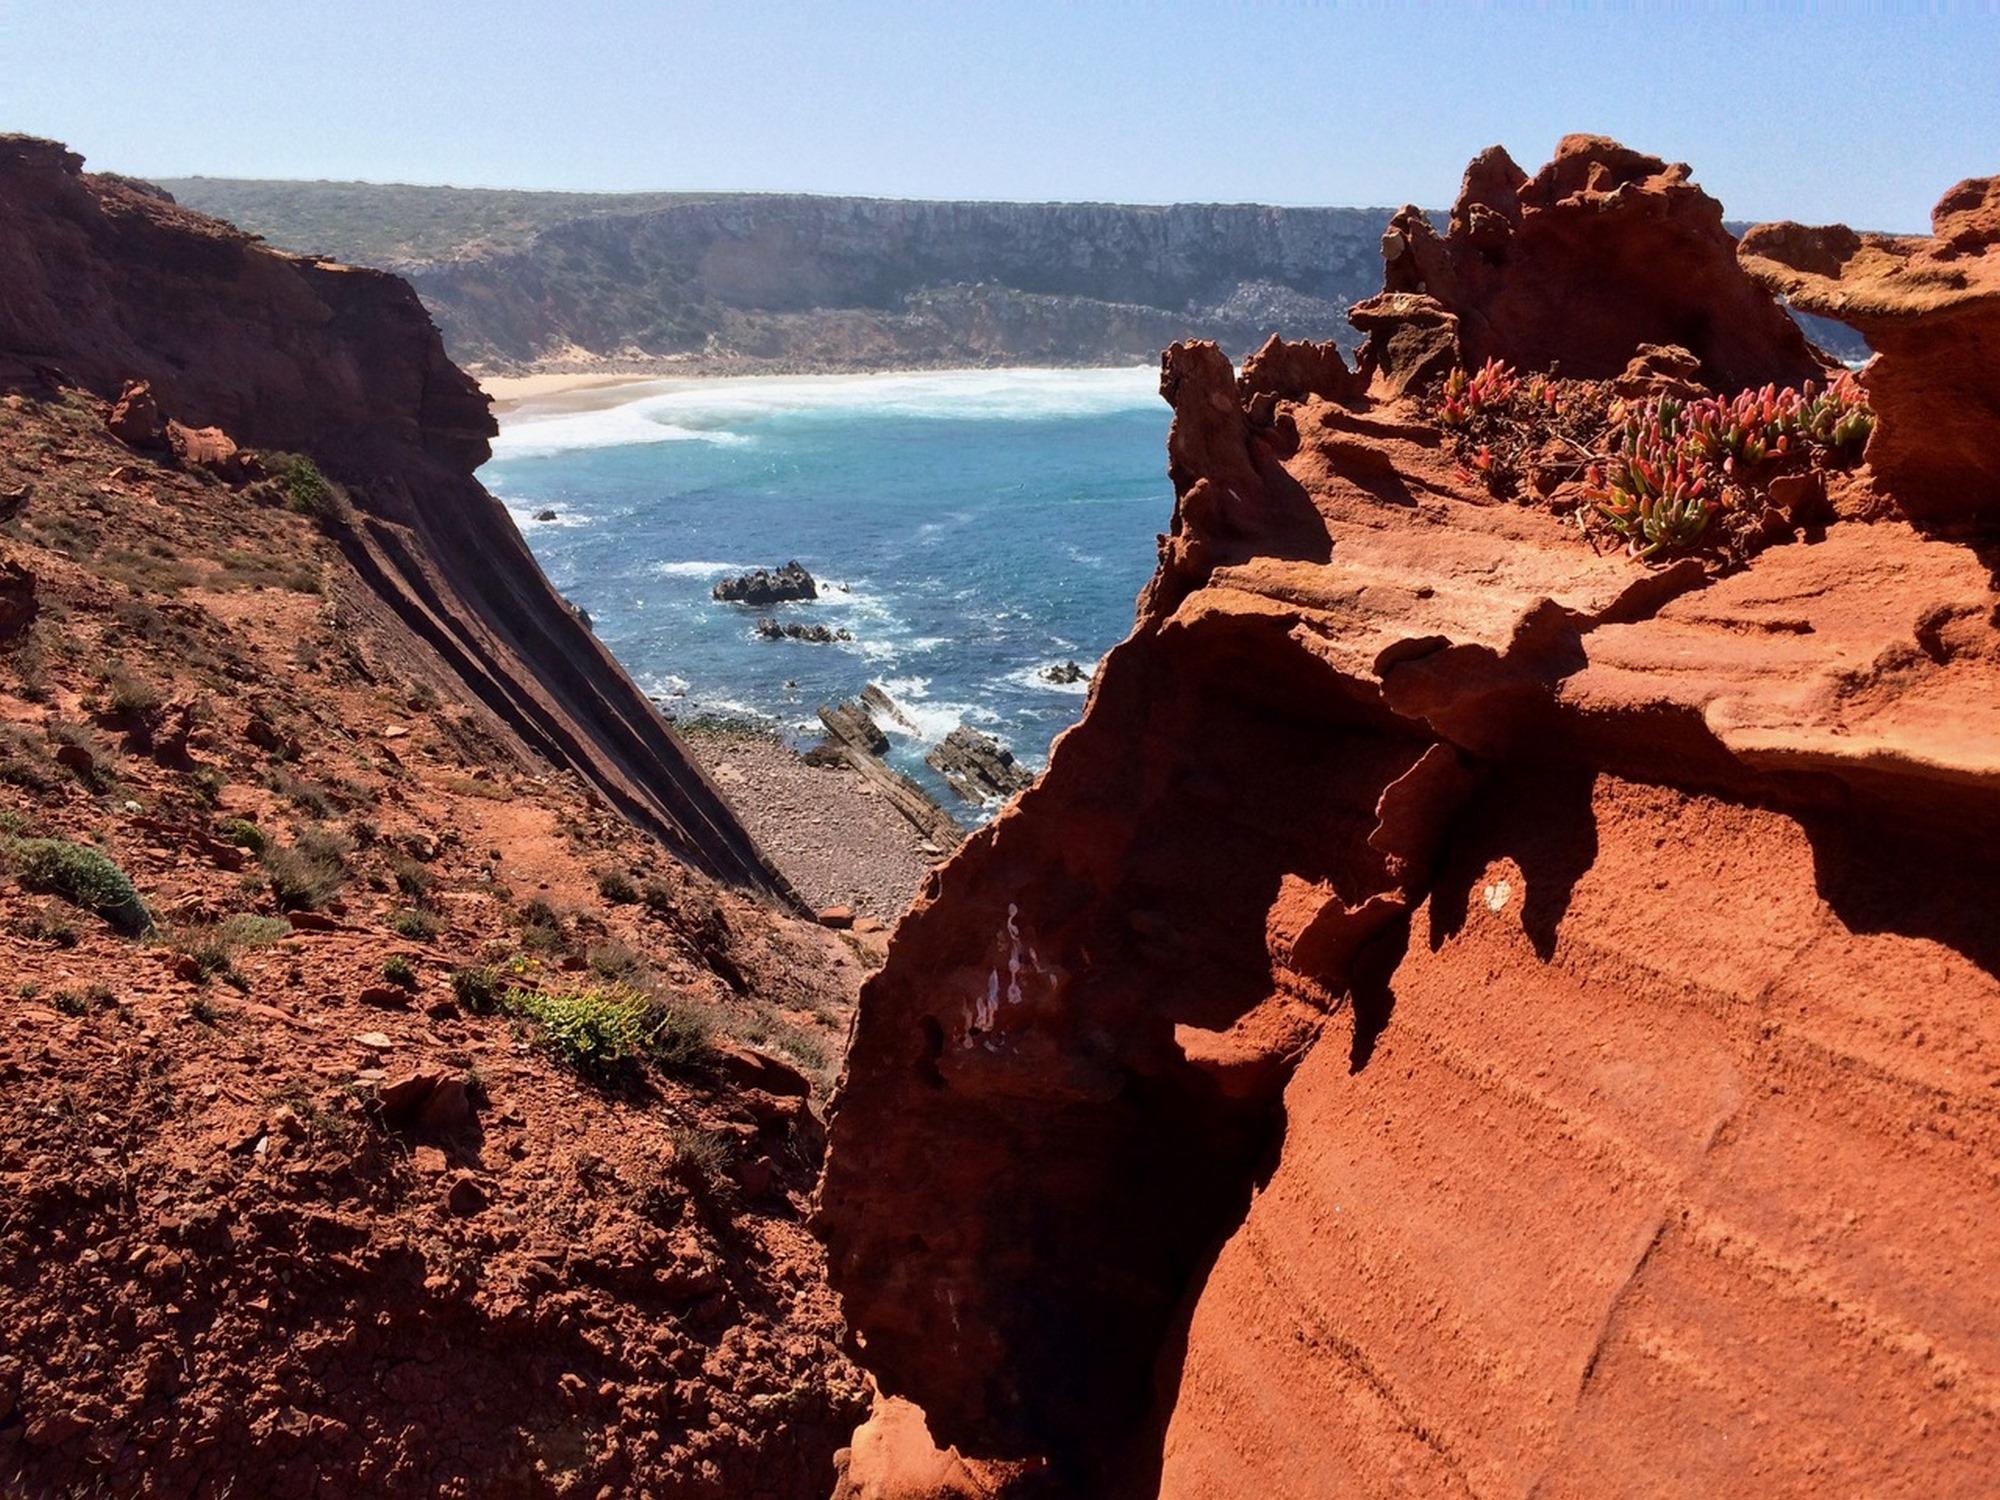 Portugal Algarve : Fenêtre sur l'océan